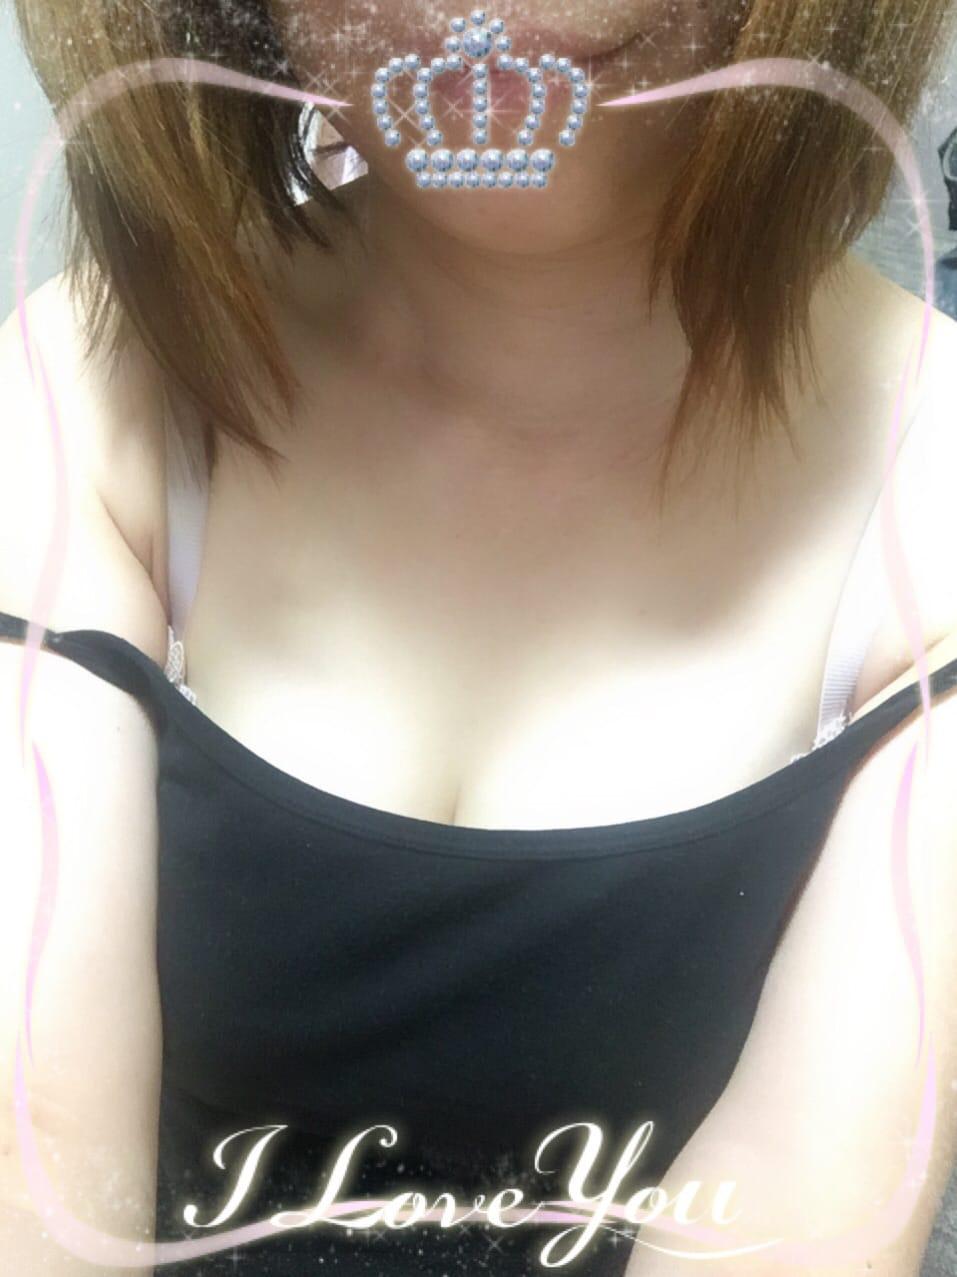 「こんにちは☆」11/05(日) 11:21 | 吉木 みずなの写メ・風俗動画